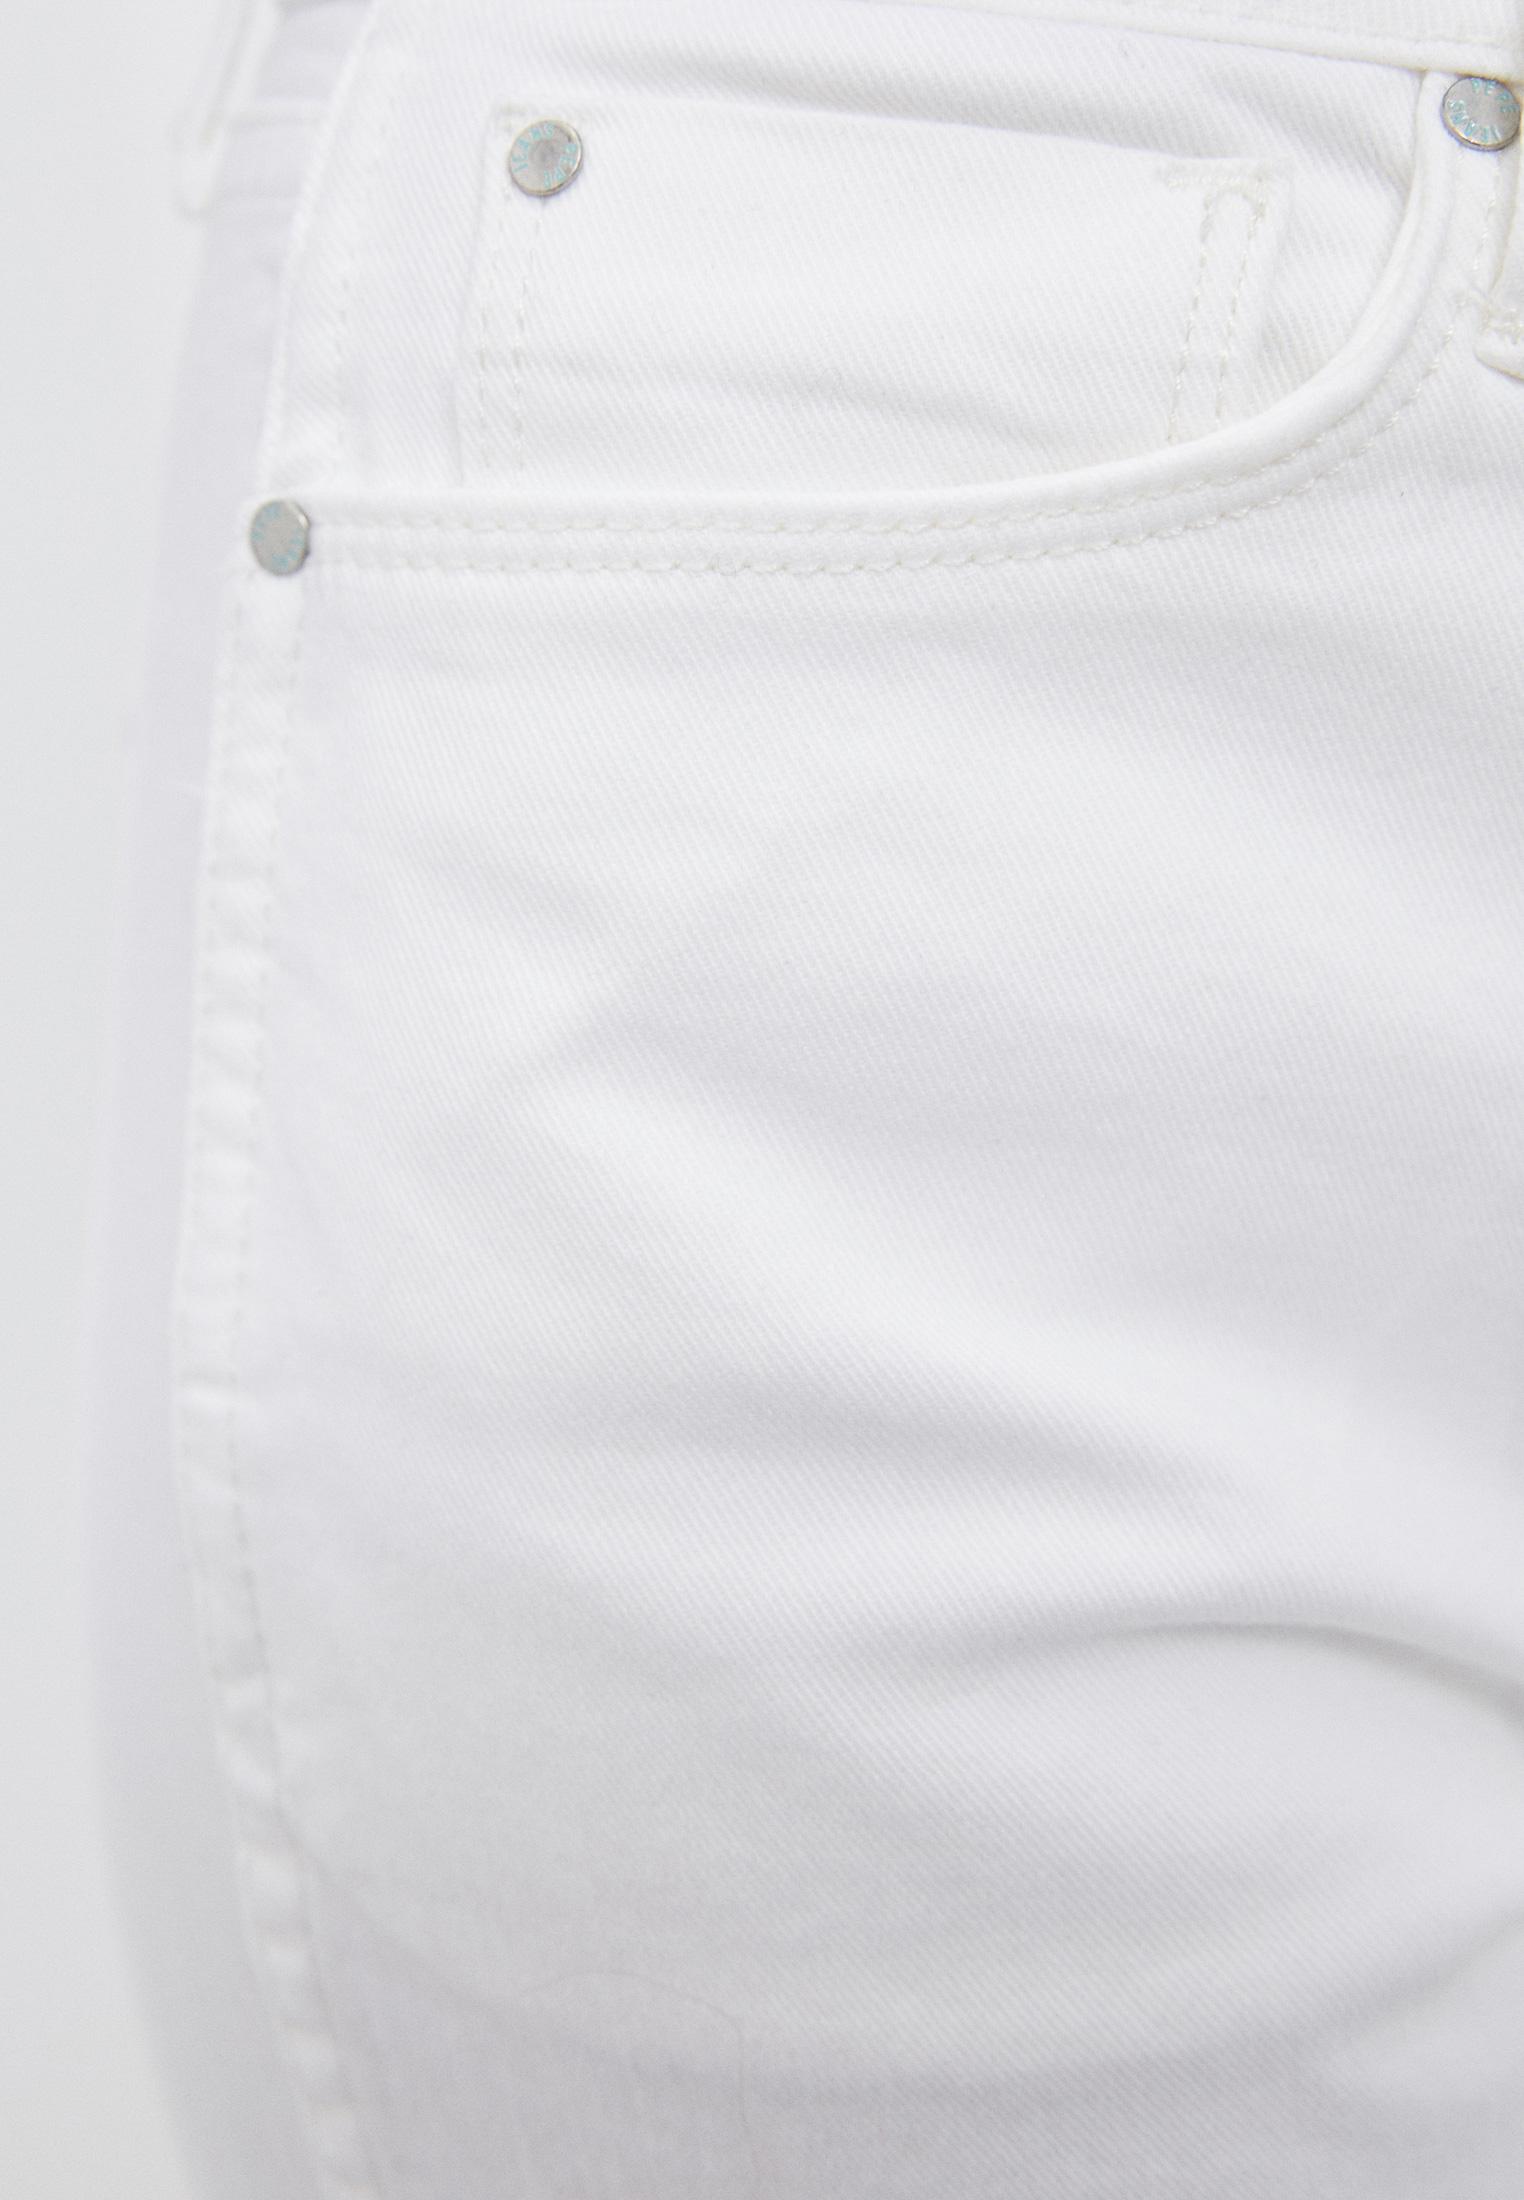 Зауженные джинсы Pepe Jeans (Пепе Джинс) PL203203D76: изображение 4